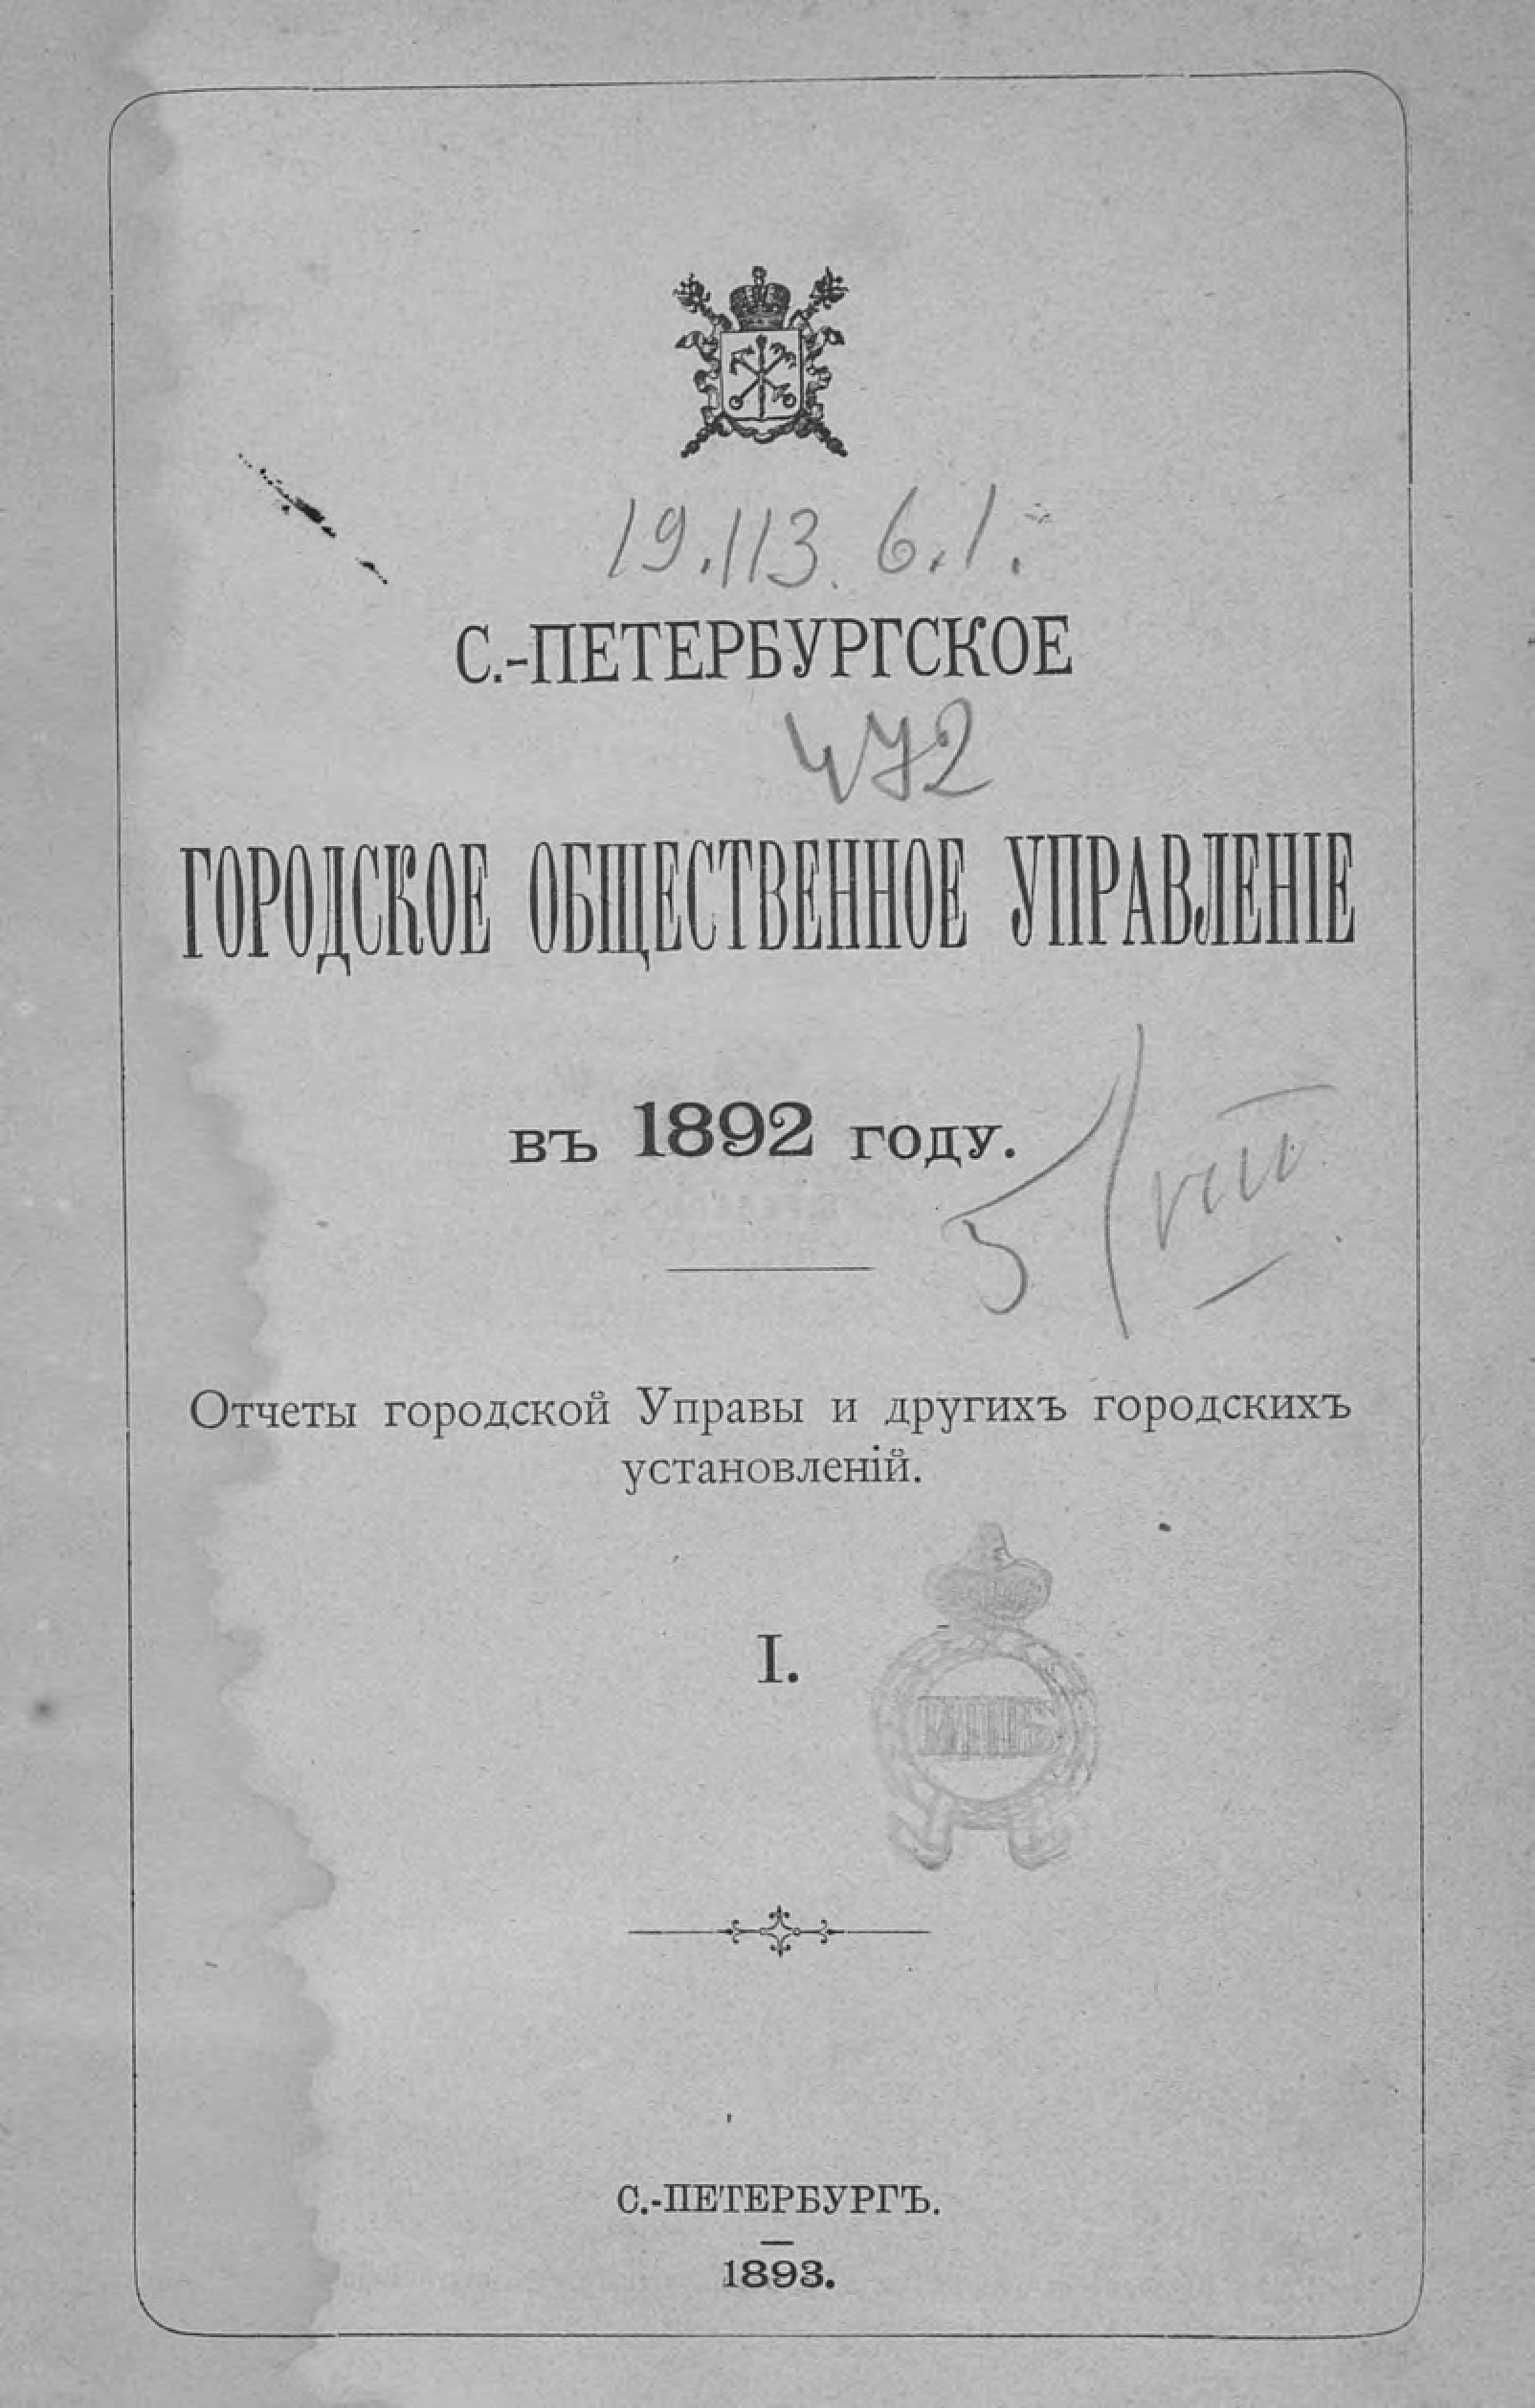 Коллектив авторов Отчет городской управы за 1892 г. Часть 1 коллектив авторов нева и ниеншанц часть 1